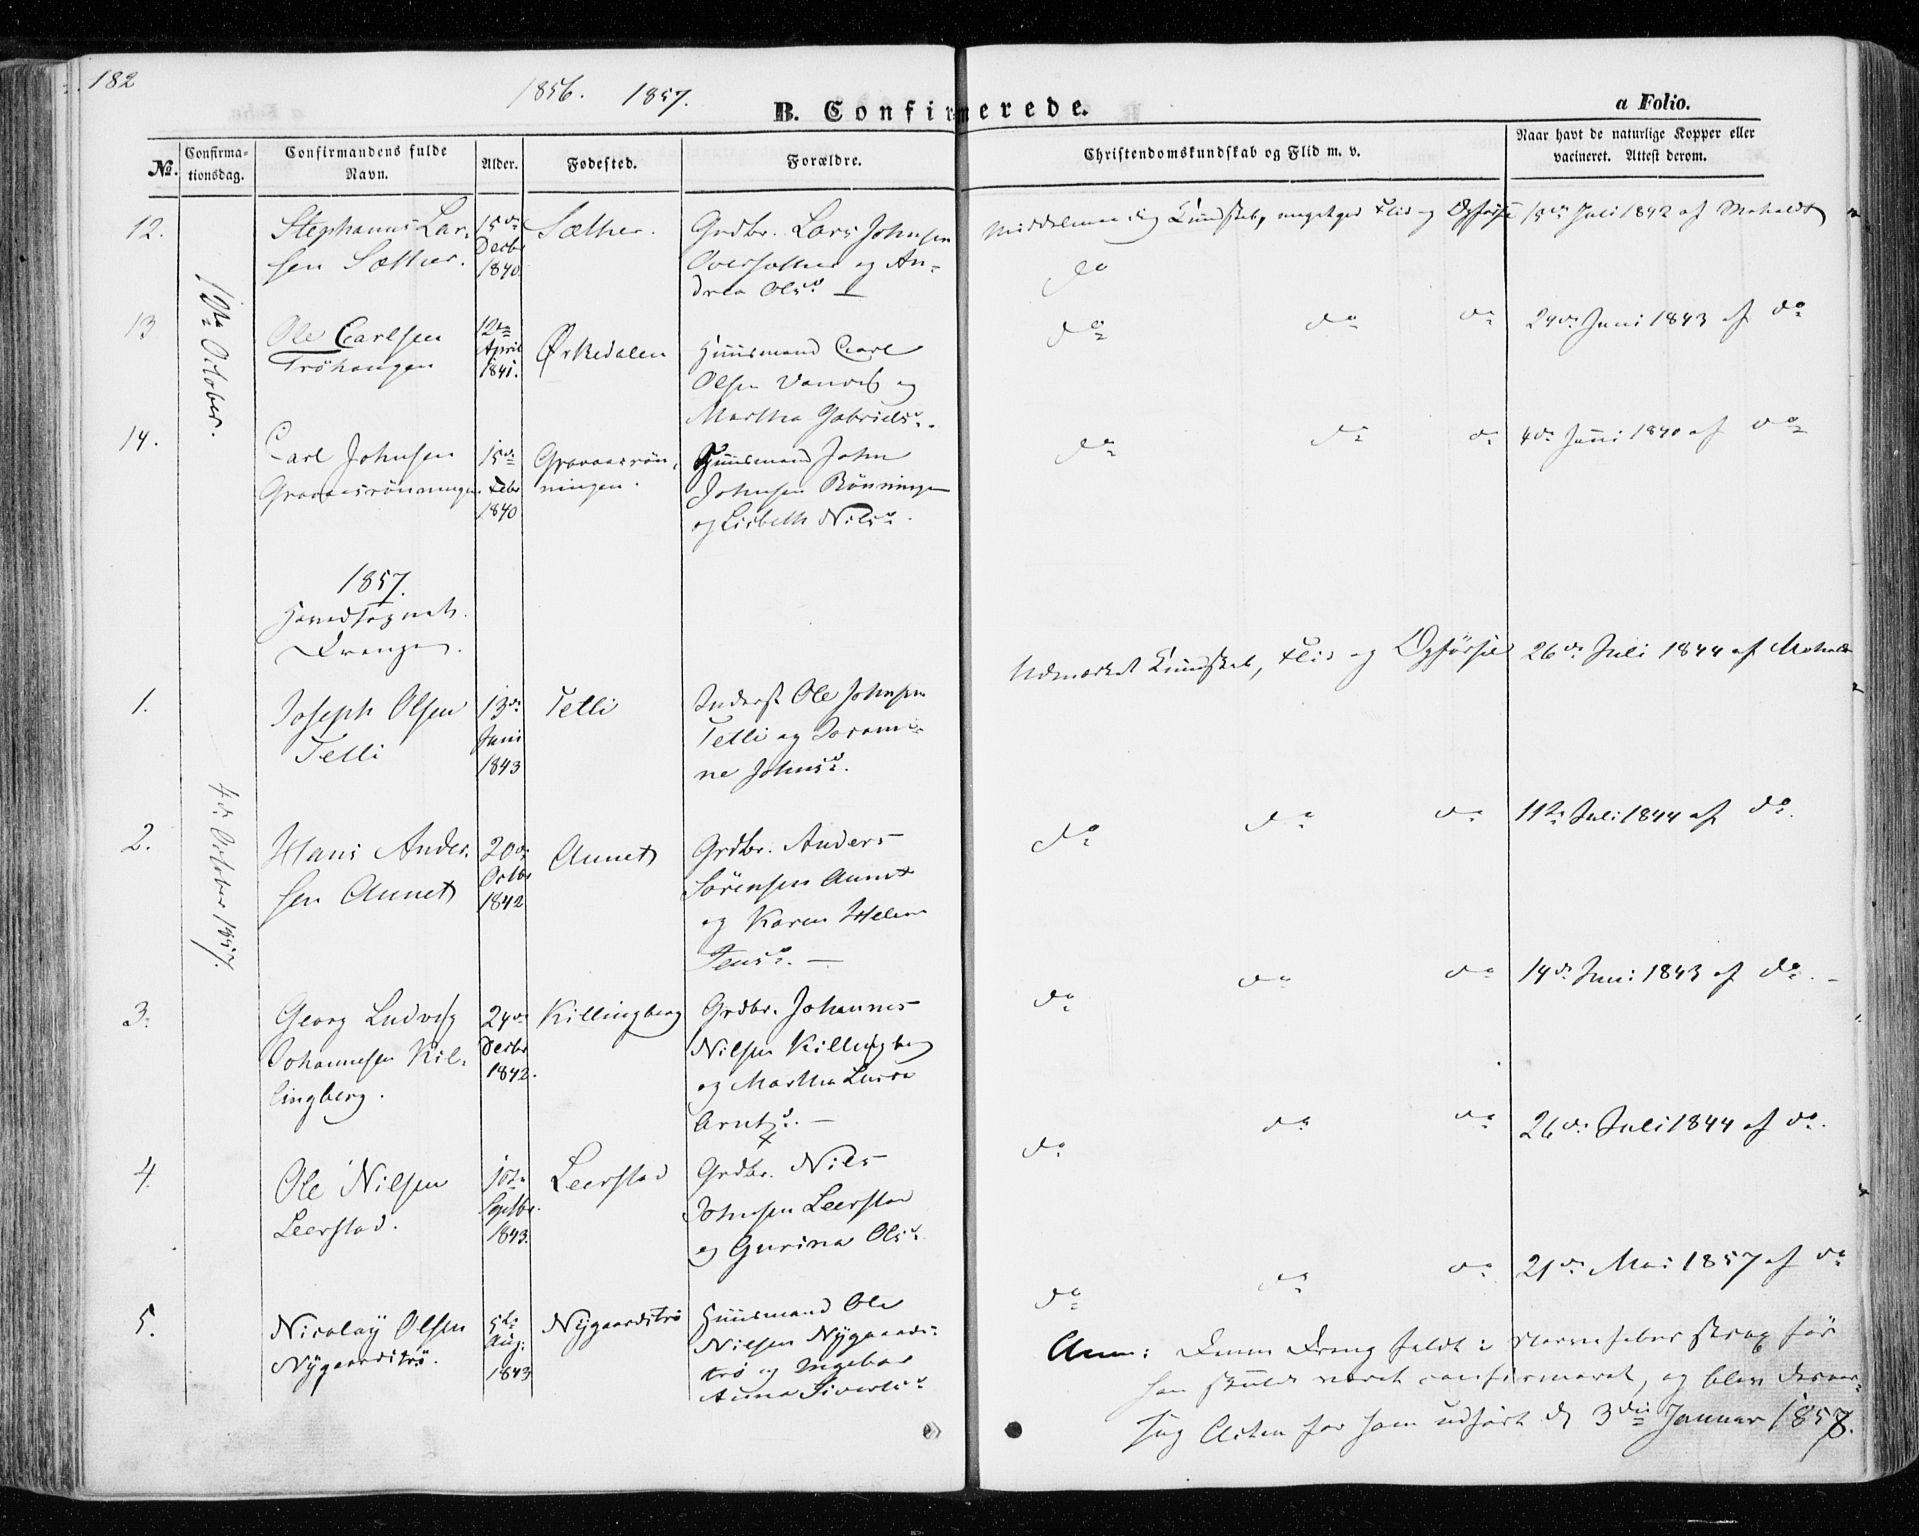 SAT, Ministerialprotokoller, klokkerbøker og fødselsregistre - Nord-Trøndelag, 701/L0008: Ministerialbok nr. 701A08 /1, 1854-1863, s. 182